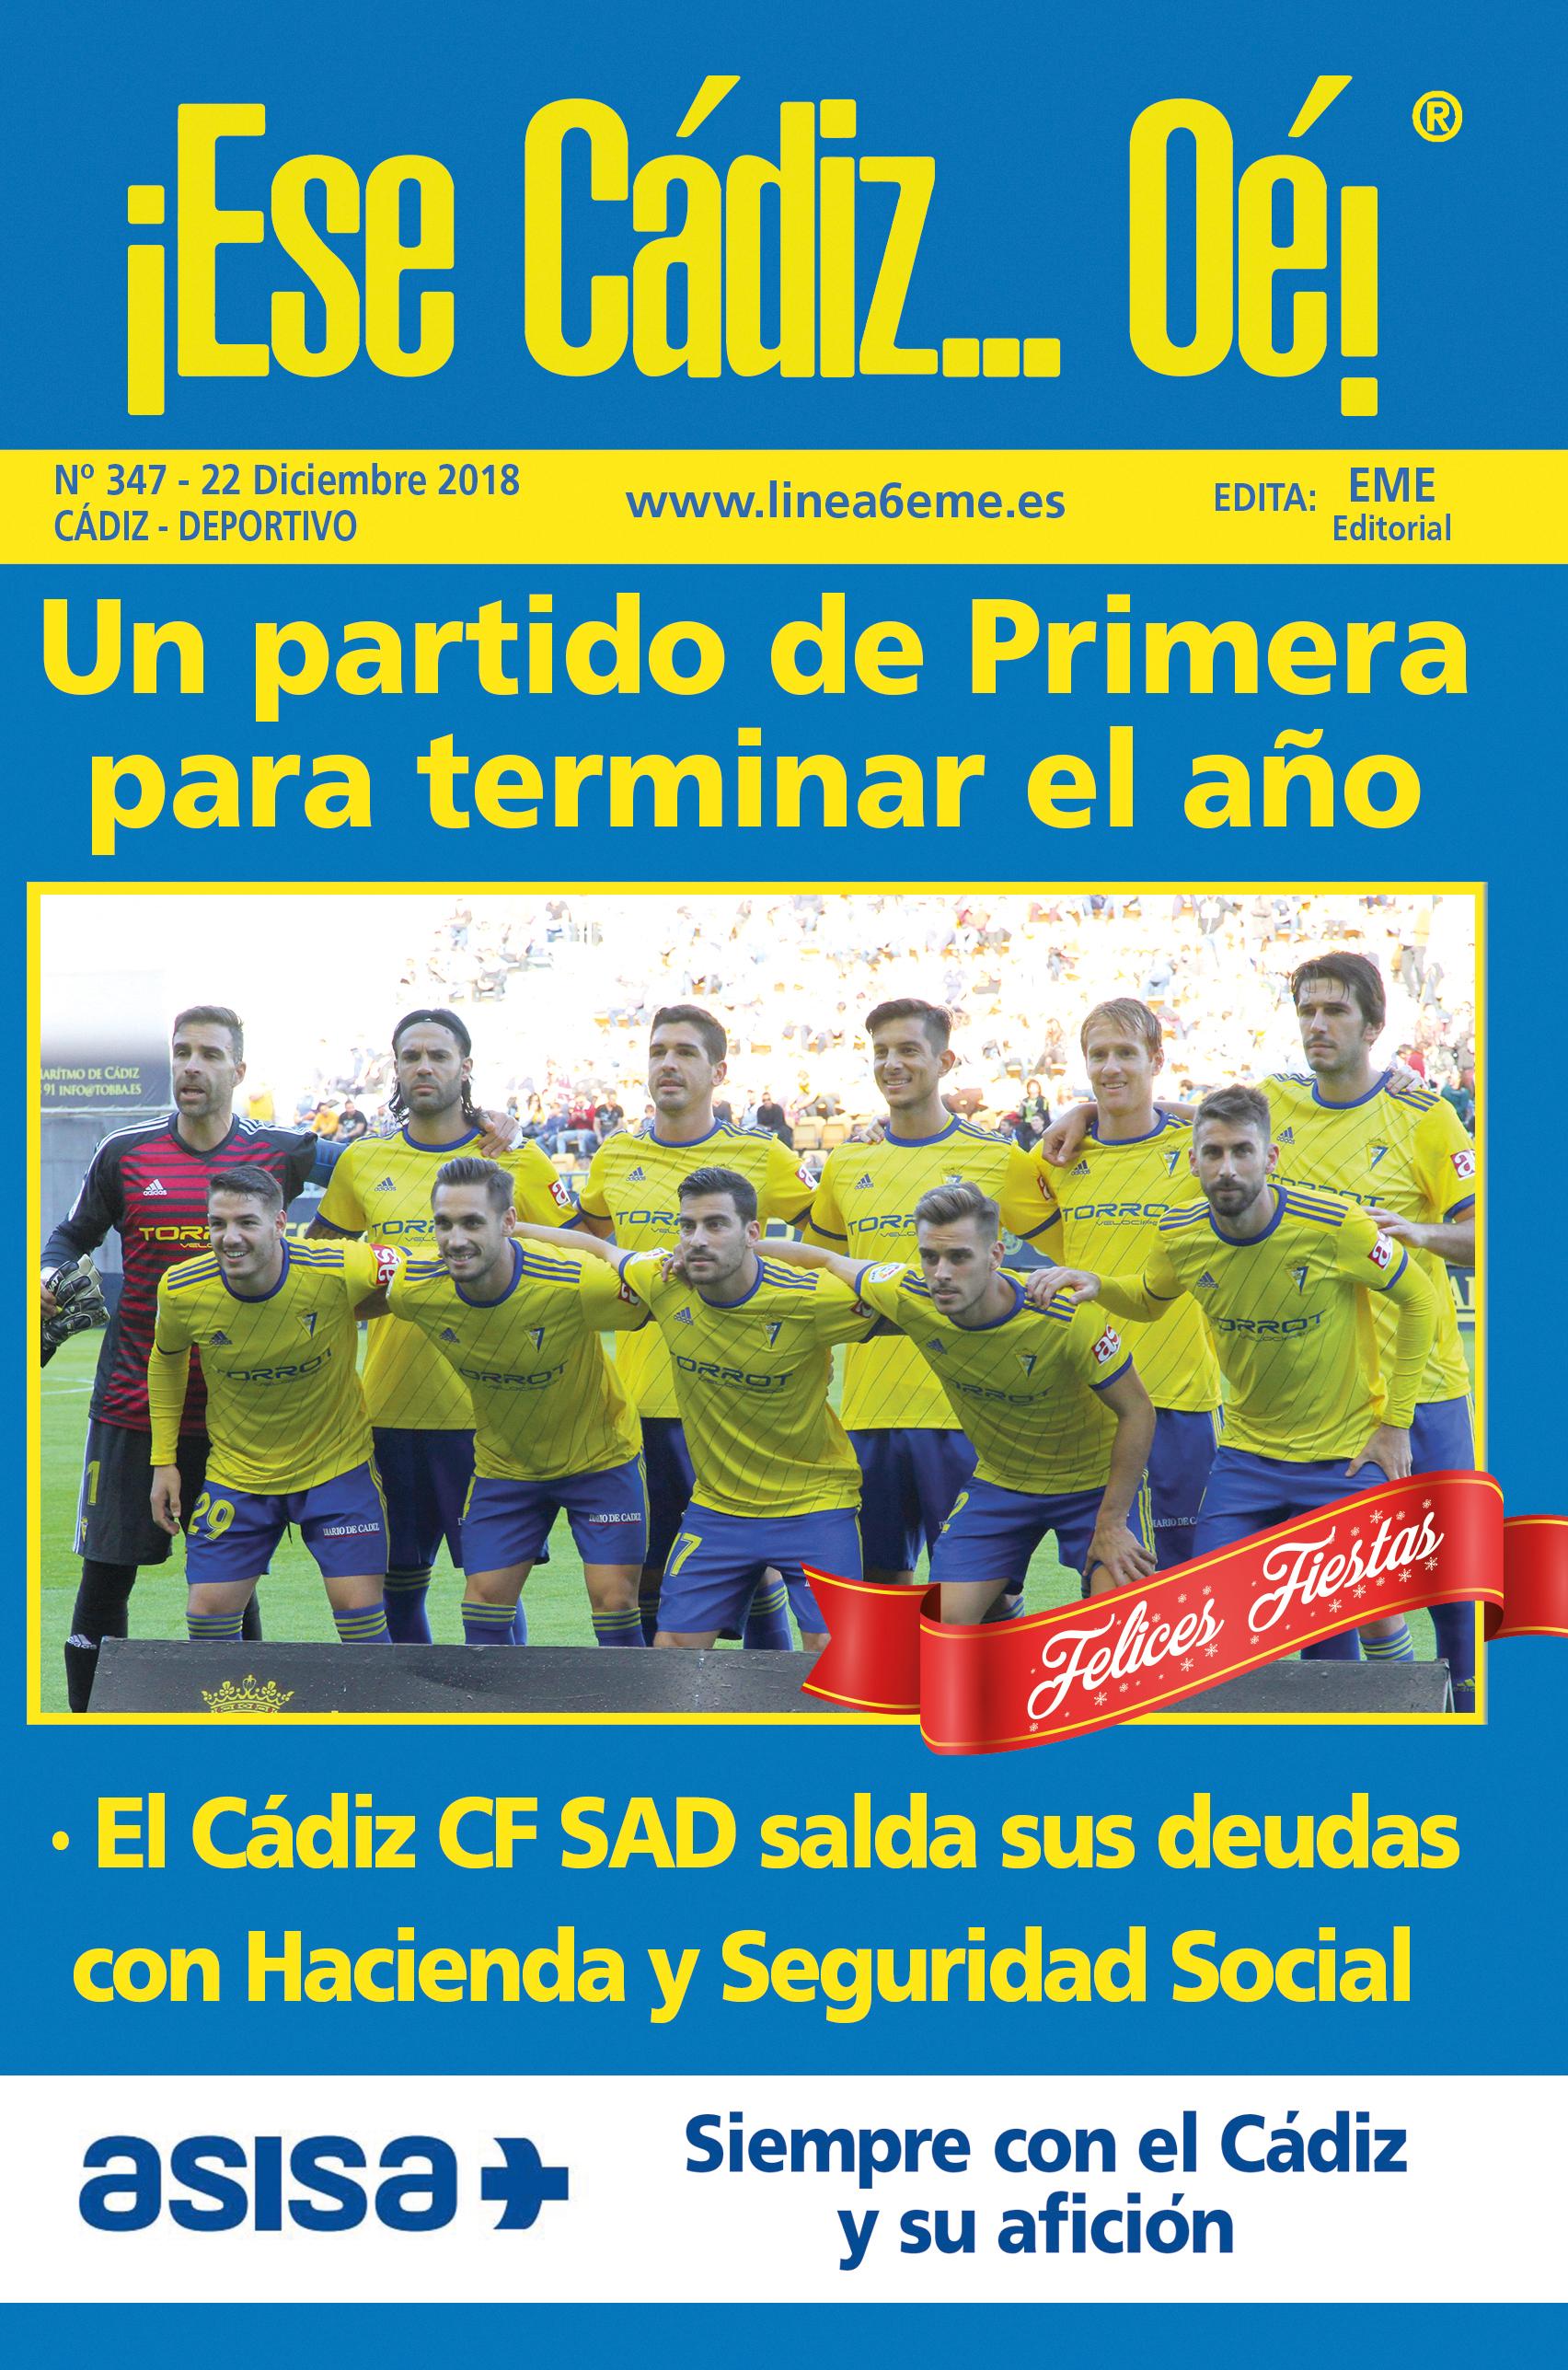 ¡Ese Cádiz…Oé! núm. 347 Temporada 2018/19